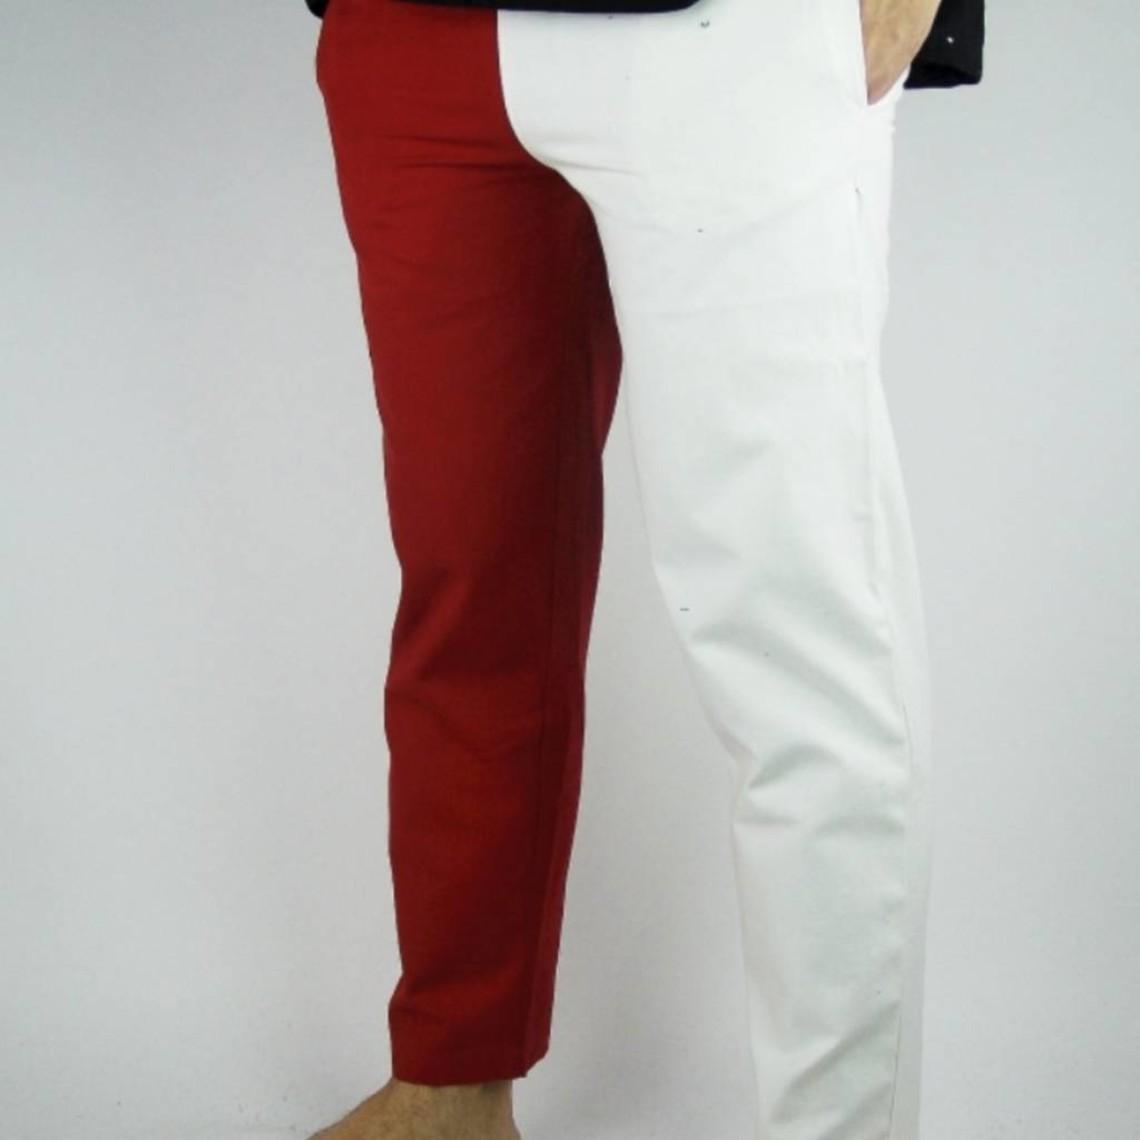 Leonardo Carbone Laat 14de eeuwse broek Mi parti, rood-wit